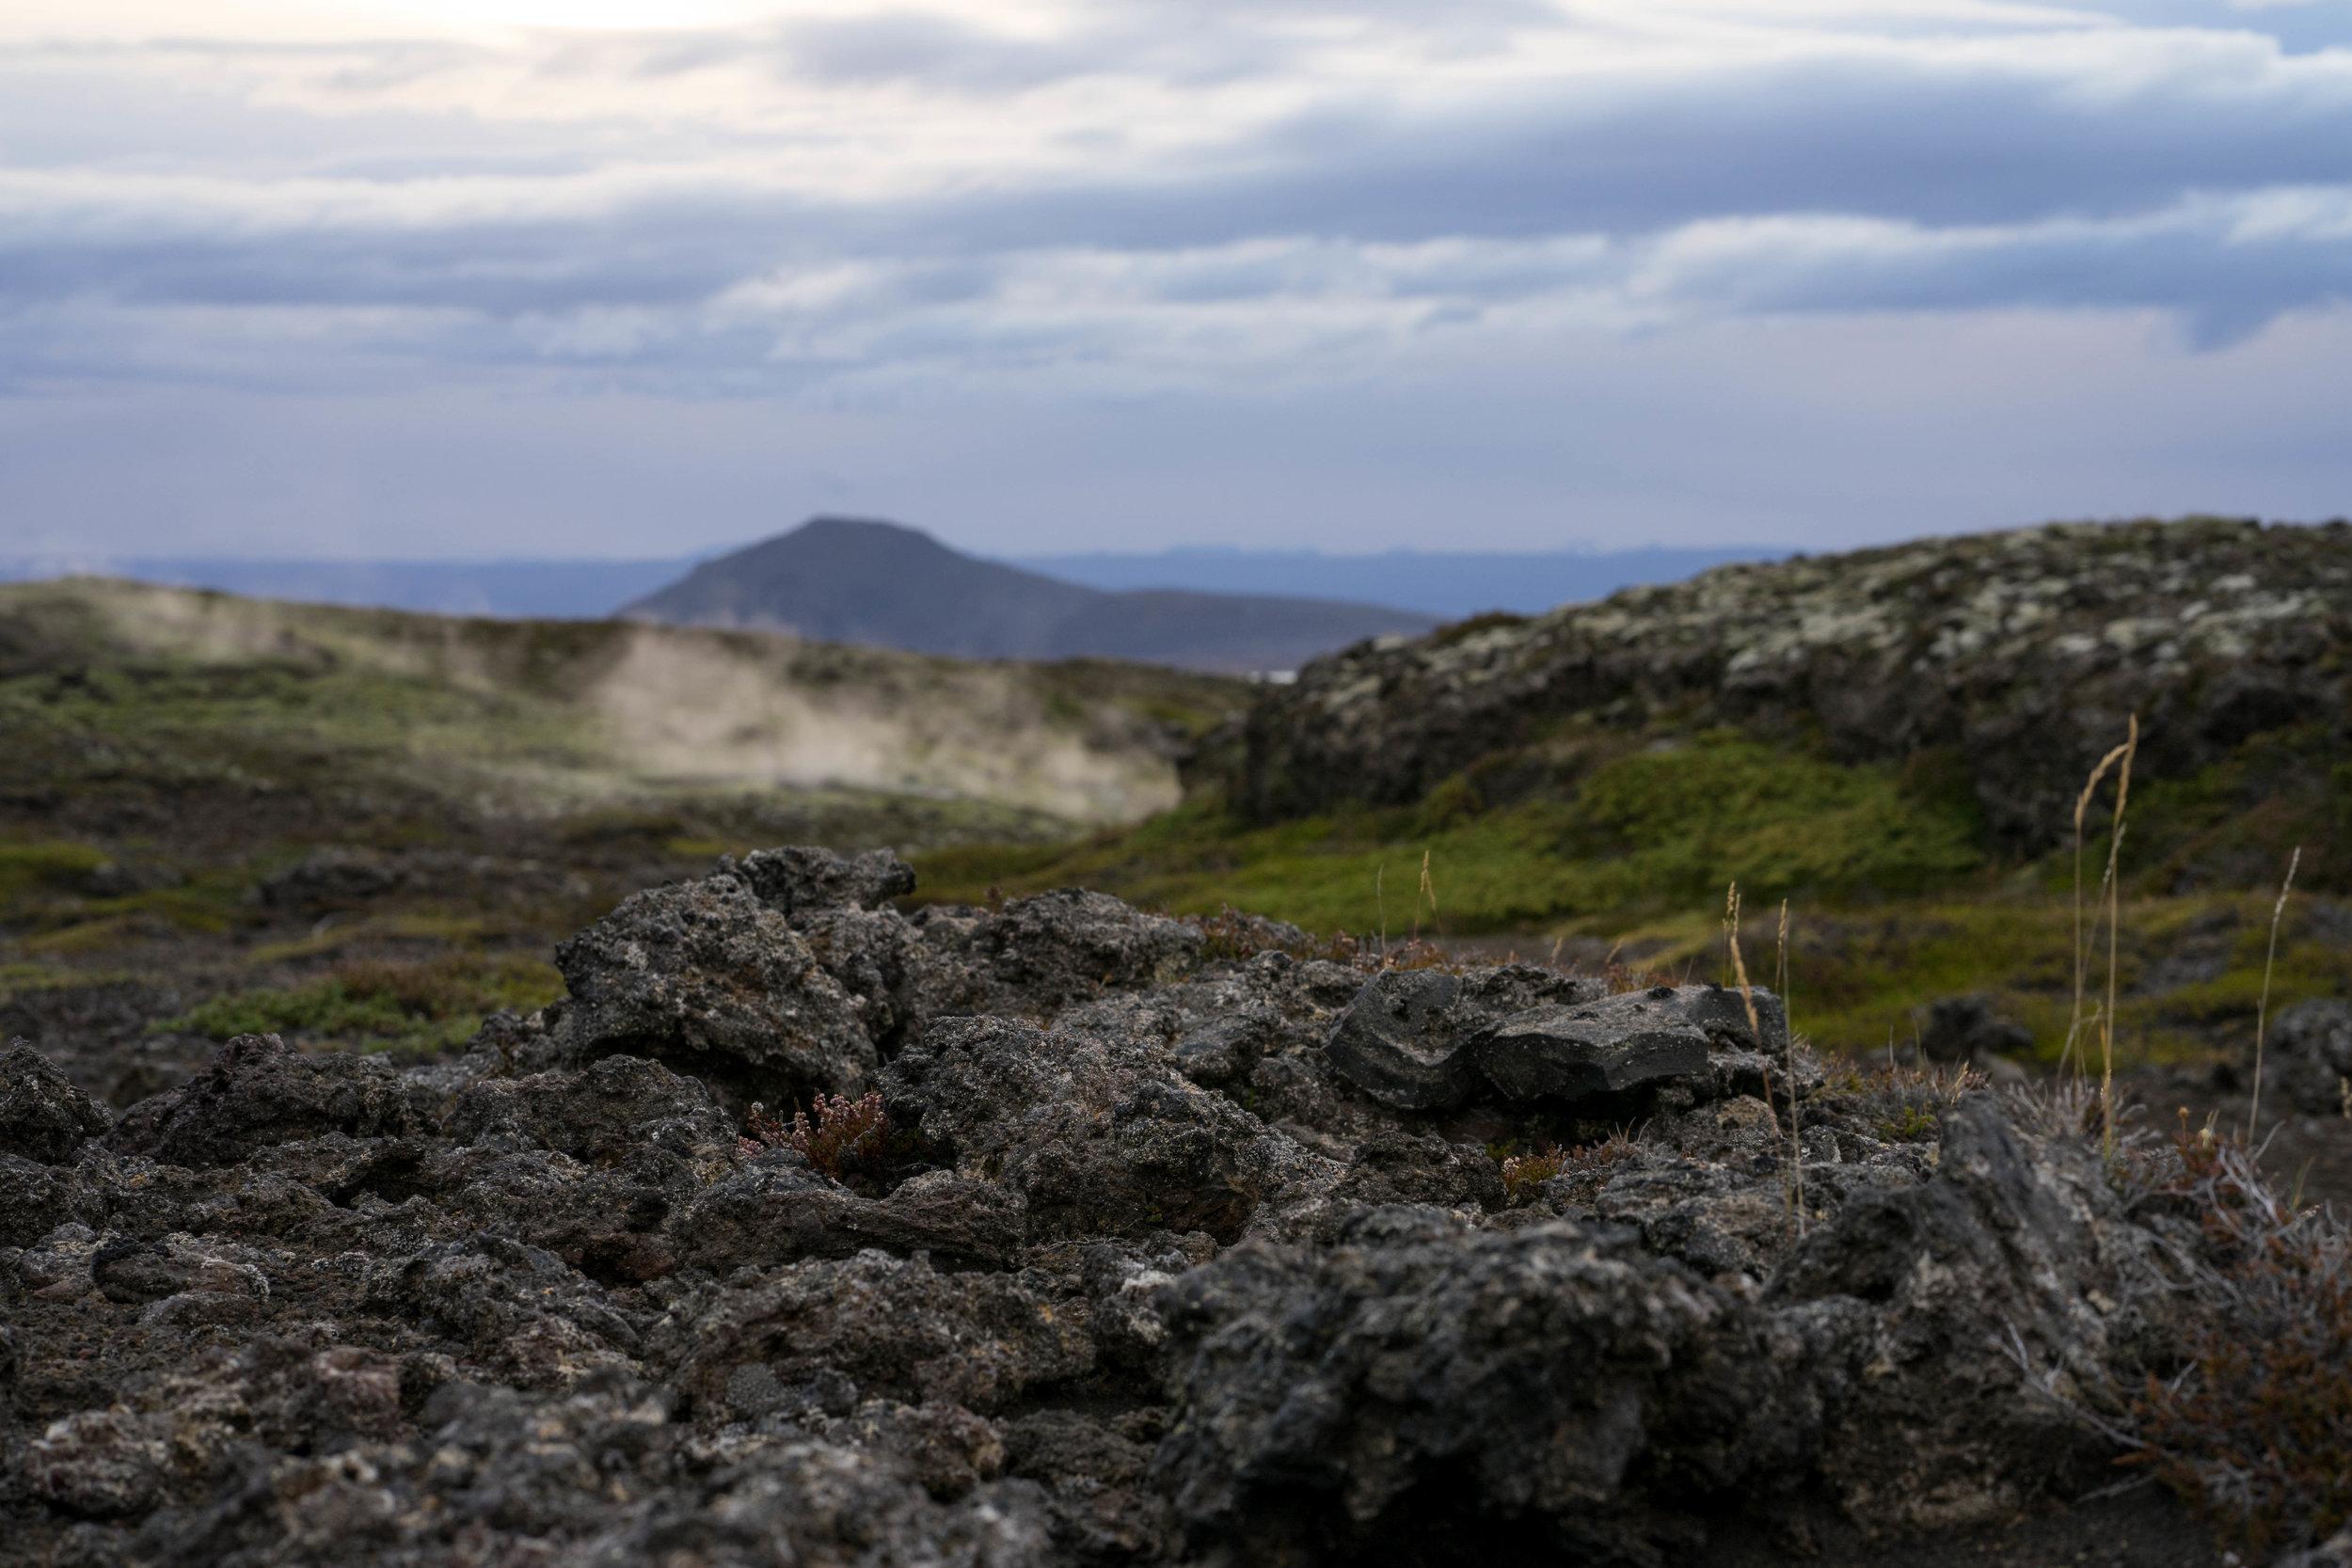 Iceland - 00791-2 - Chris Goetchius 2017.jpg